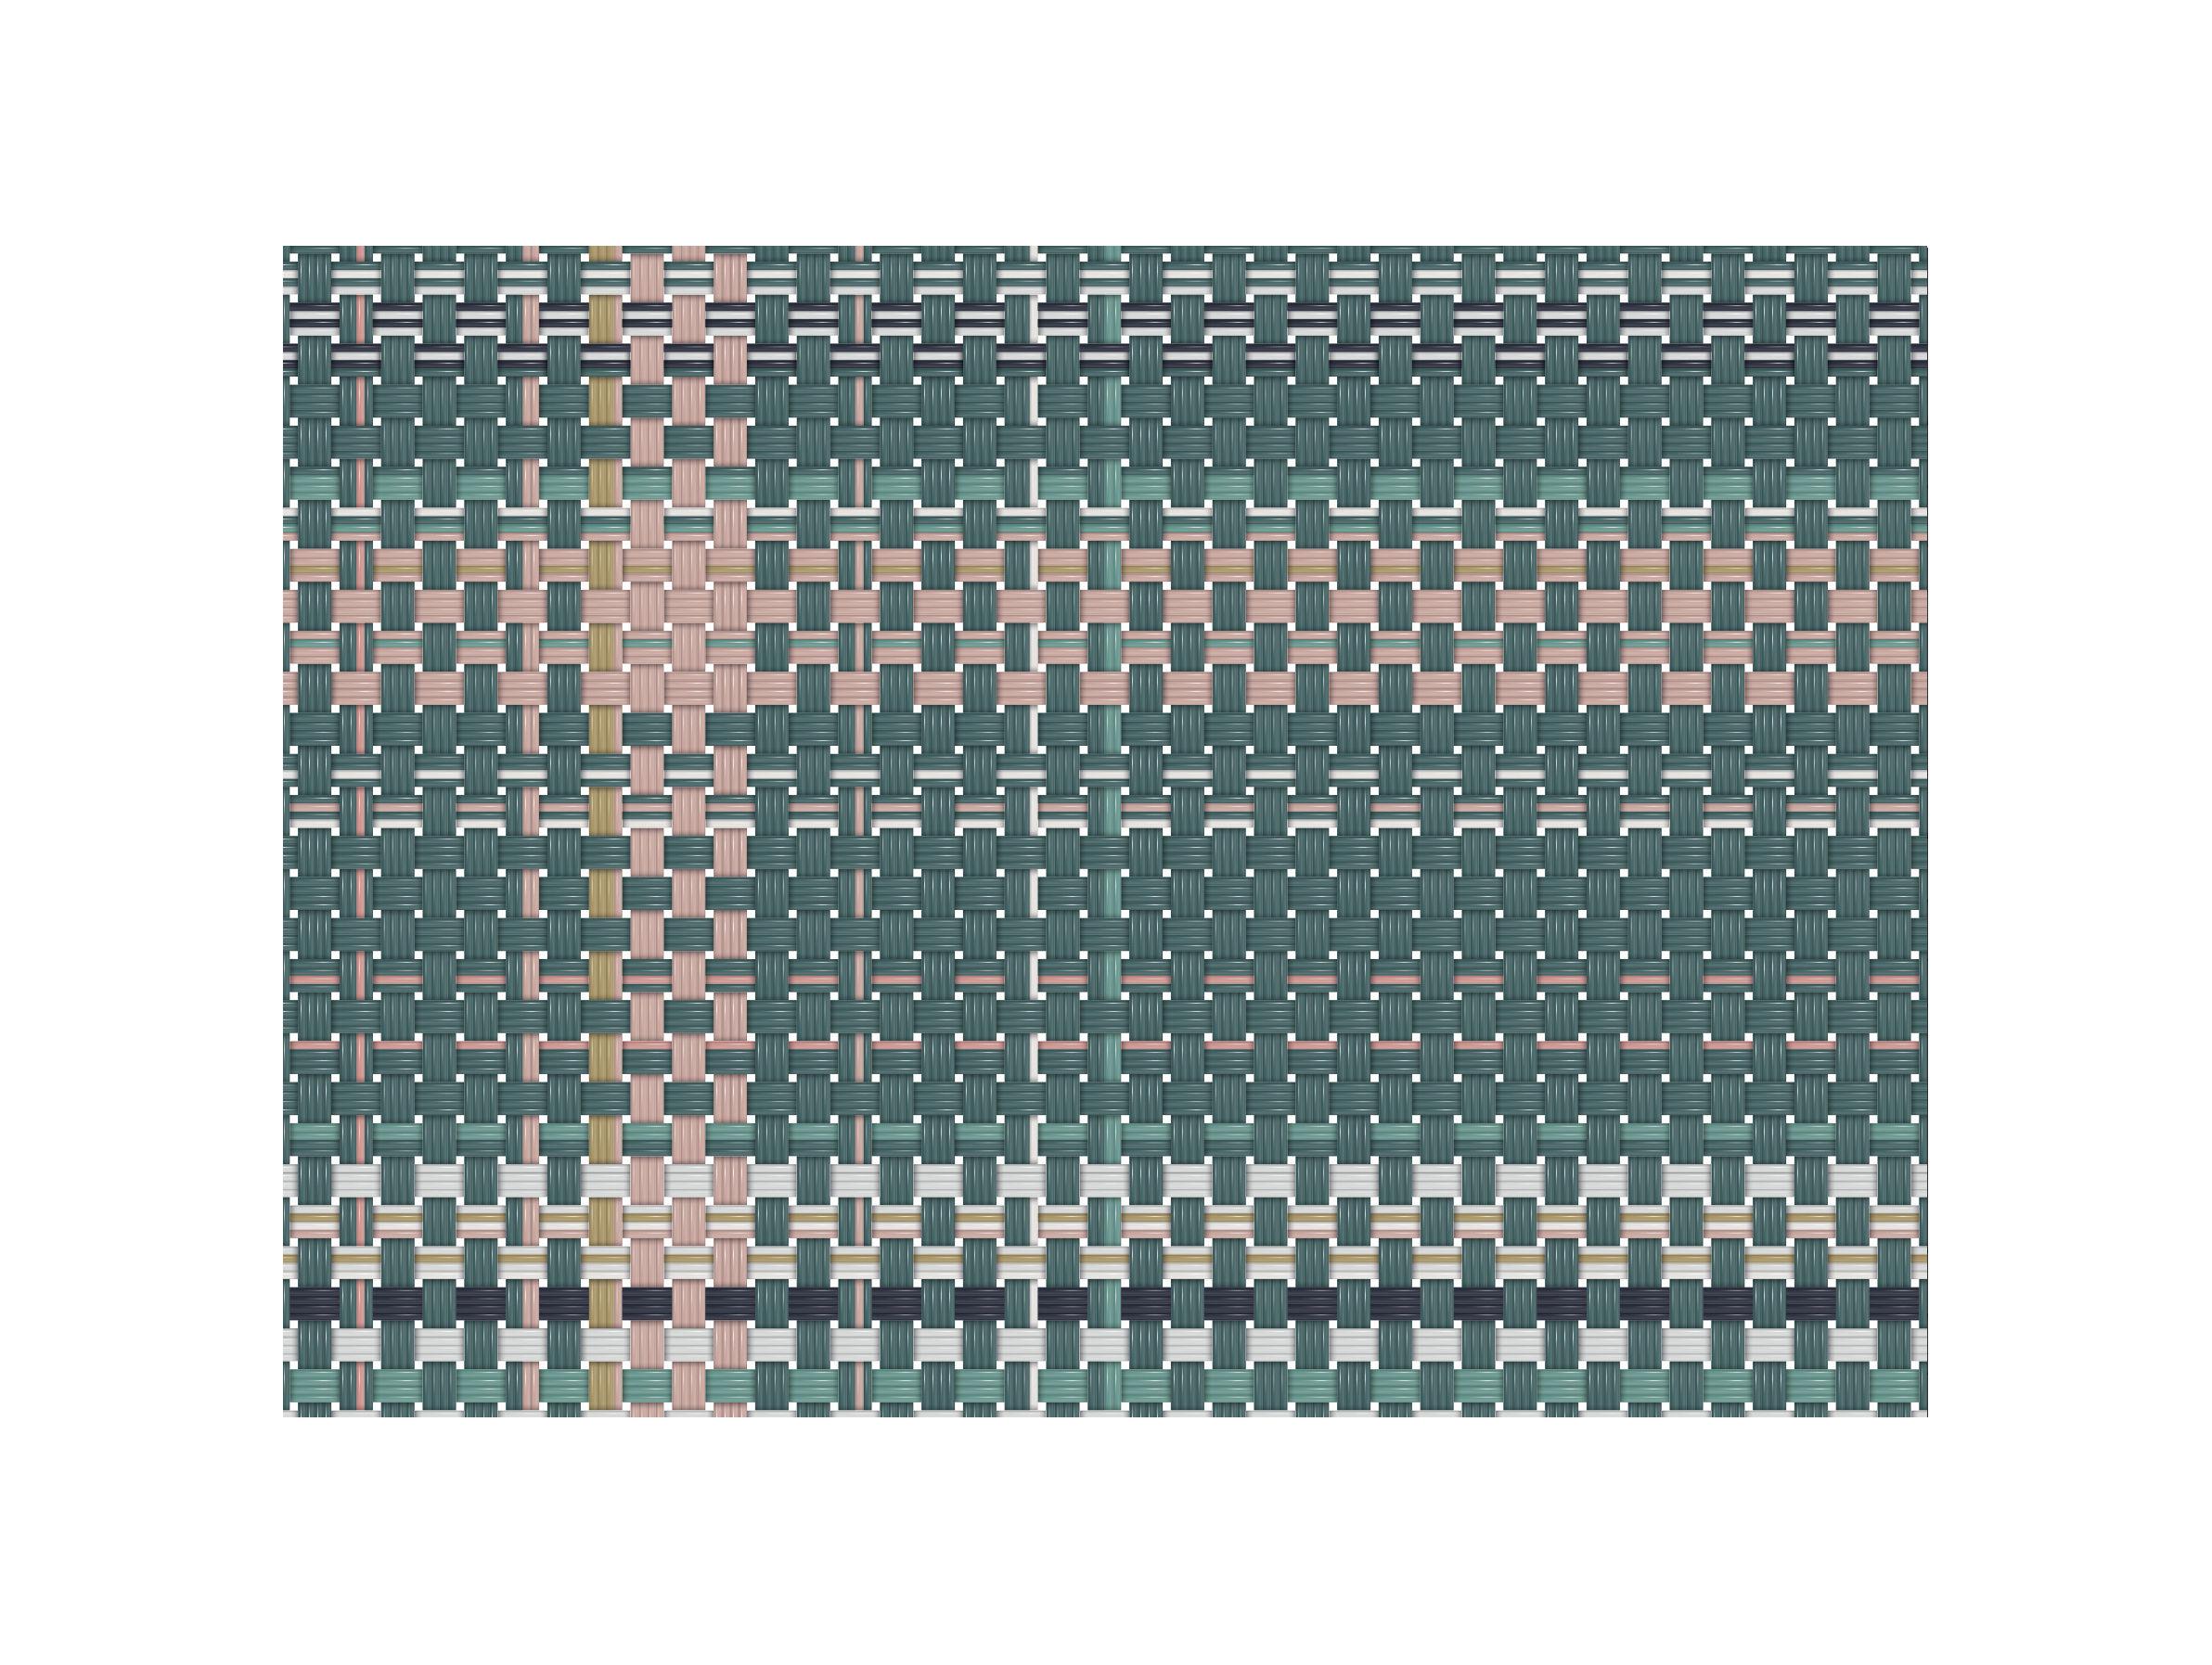 Arts de la table - Nappes, serviettes et sets - Set de table Tressage / 35 x 49 cm- Vinyle - PÔDEVACHE - Kaki & rose - Vinyle